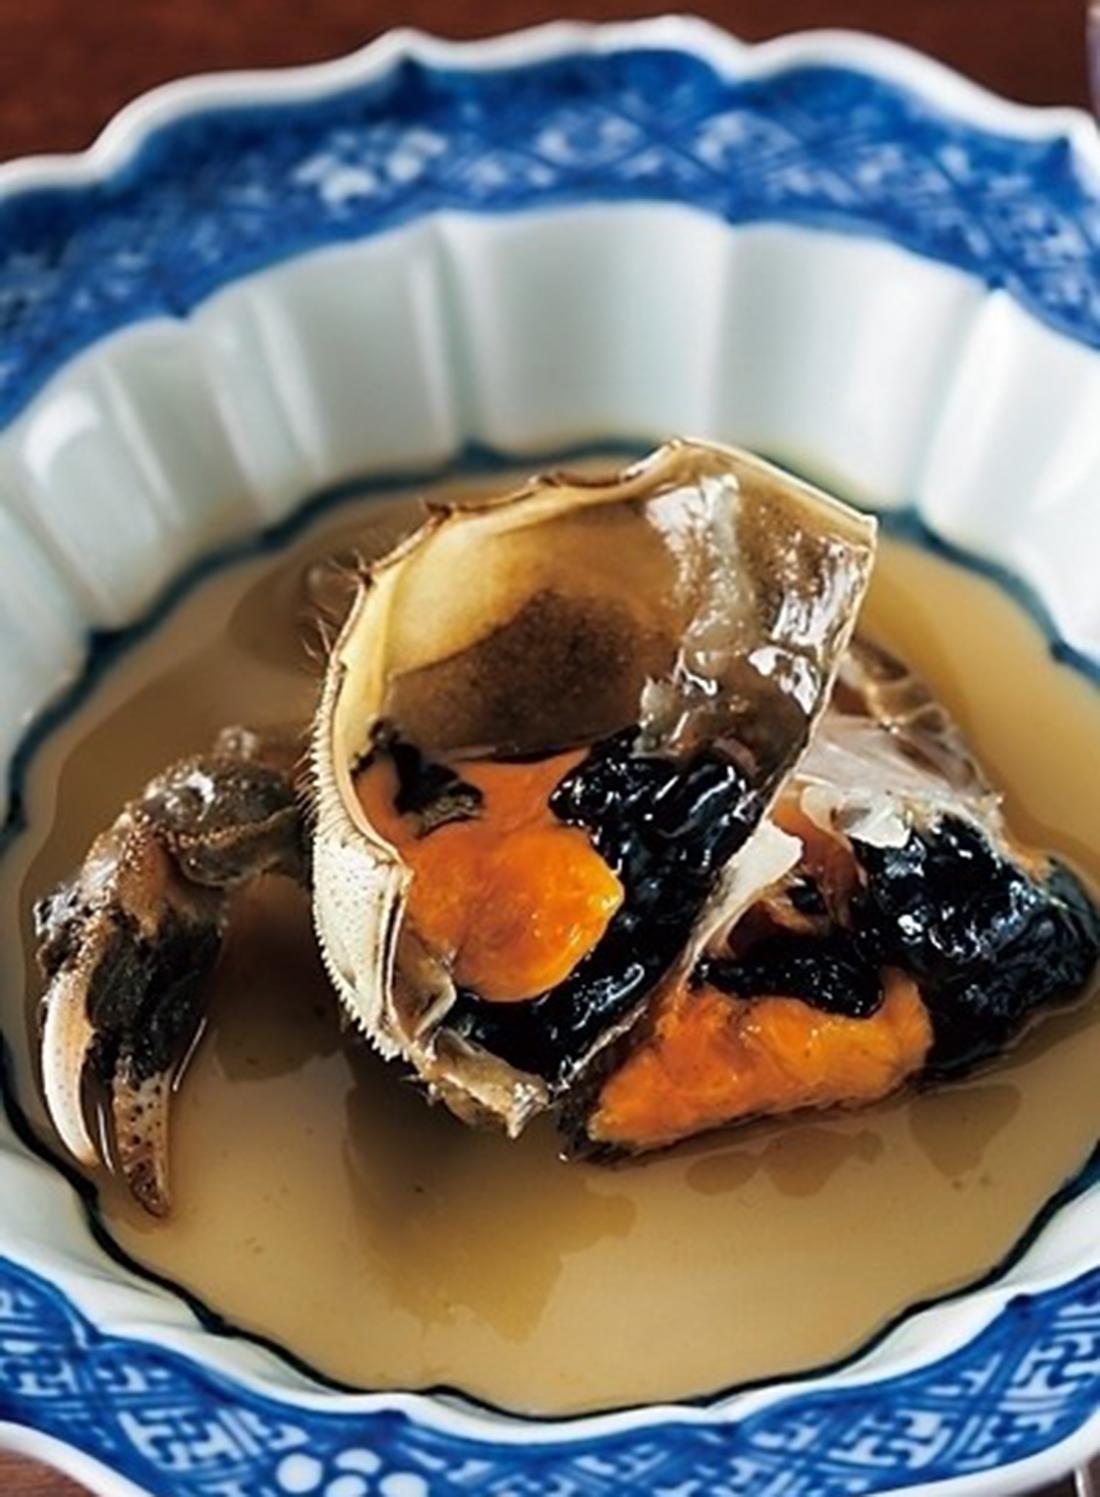 冬季限定の上海蟹のシェリー酒漬け。